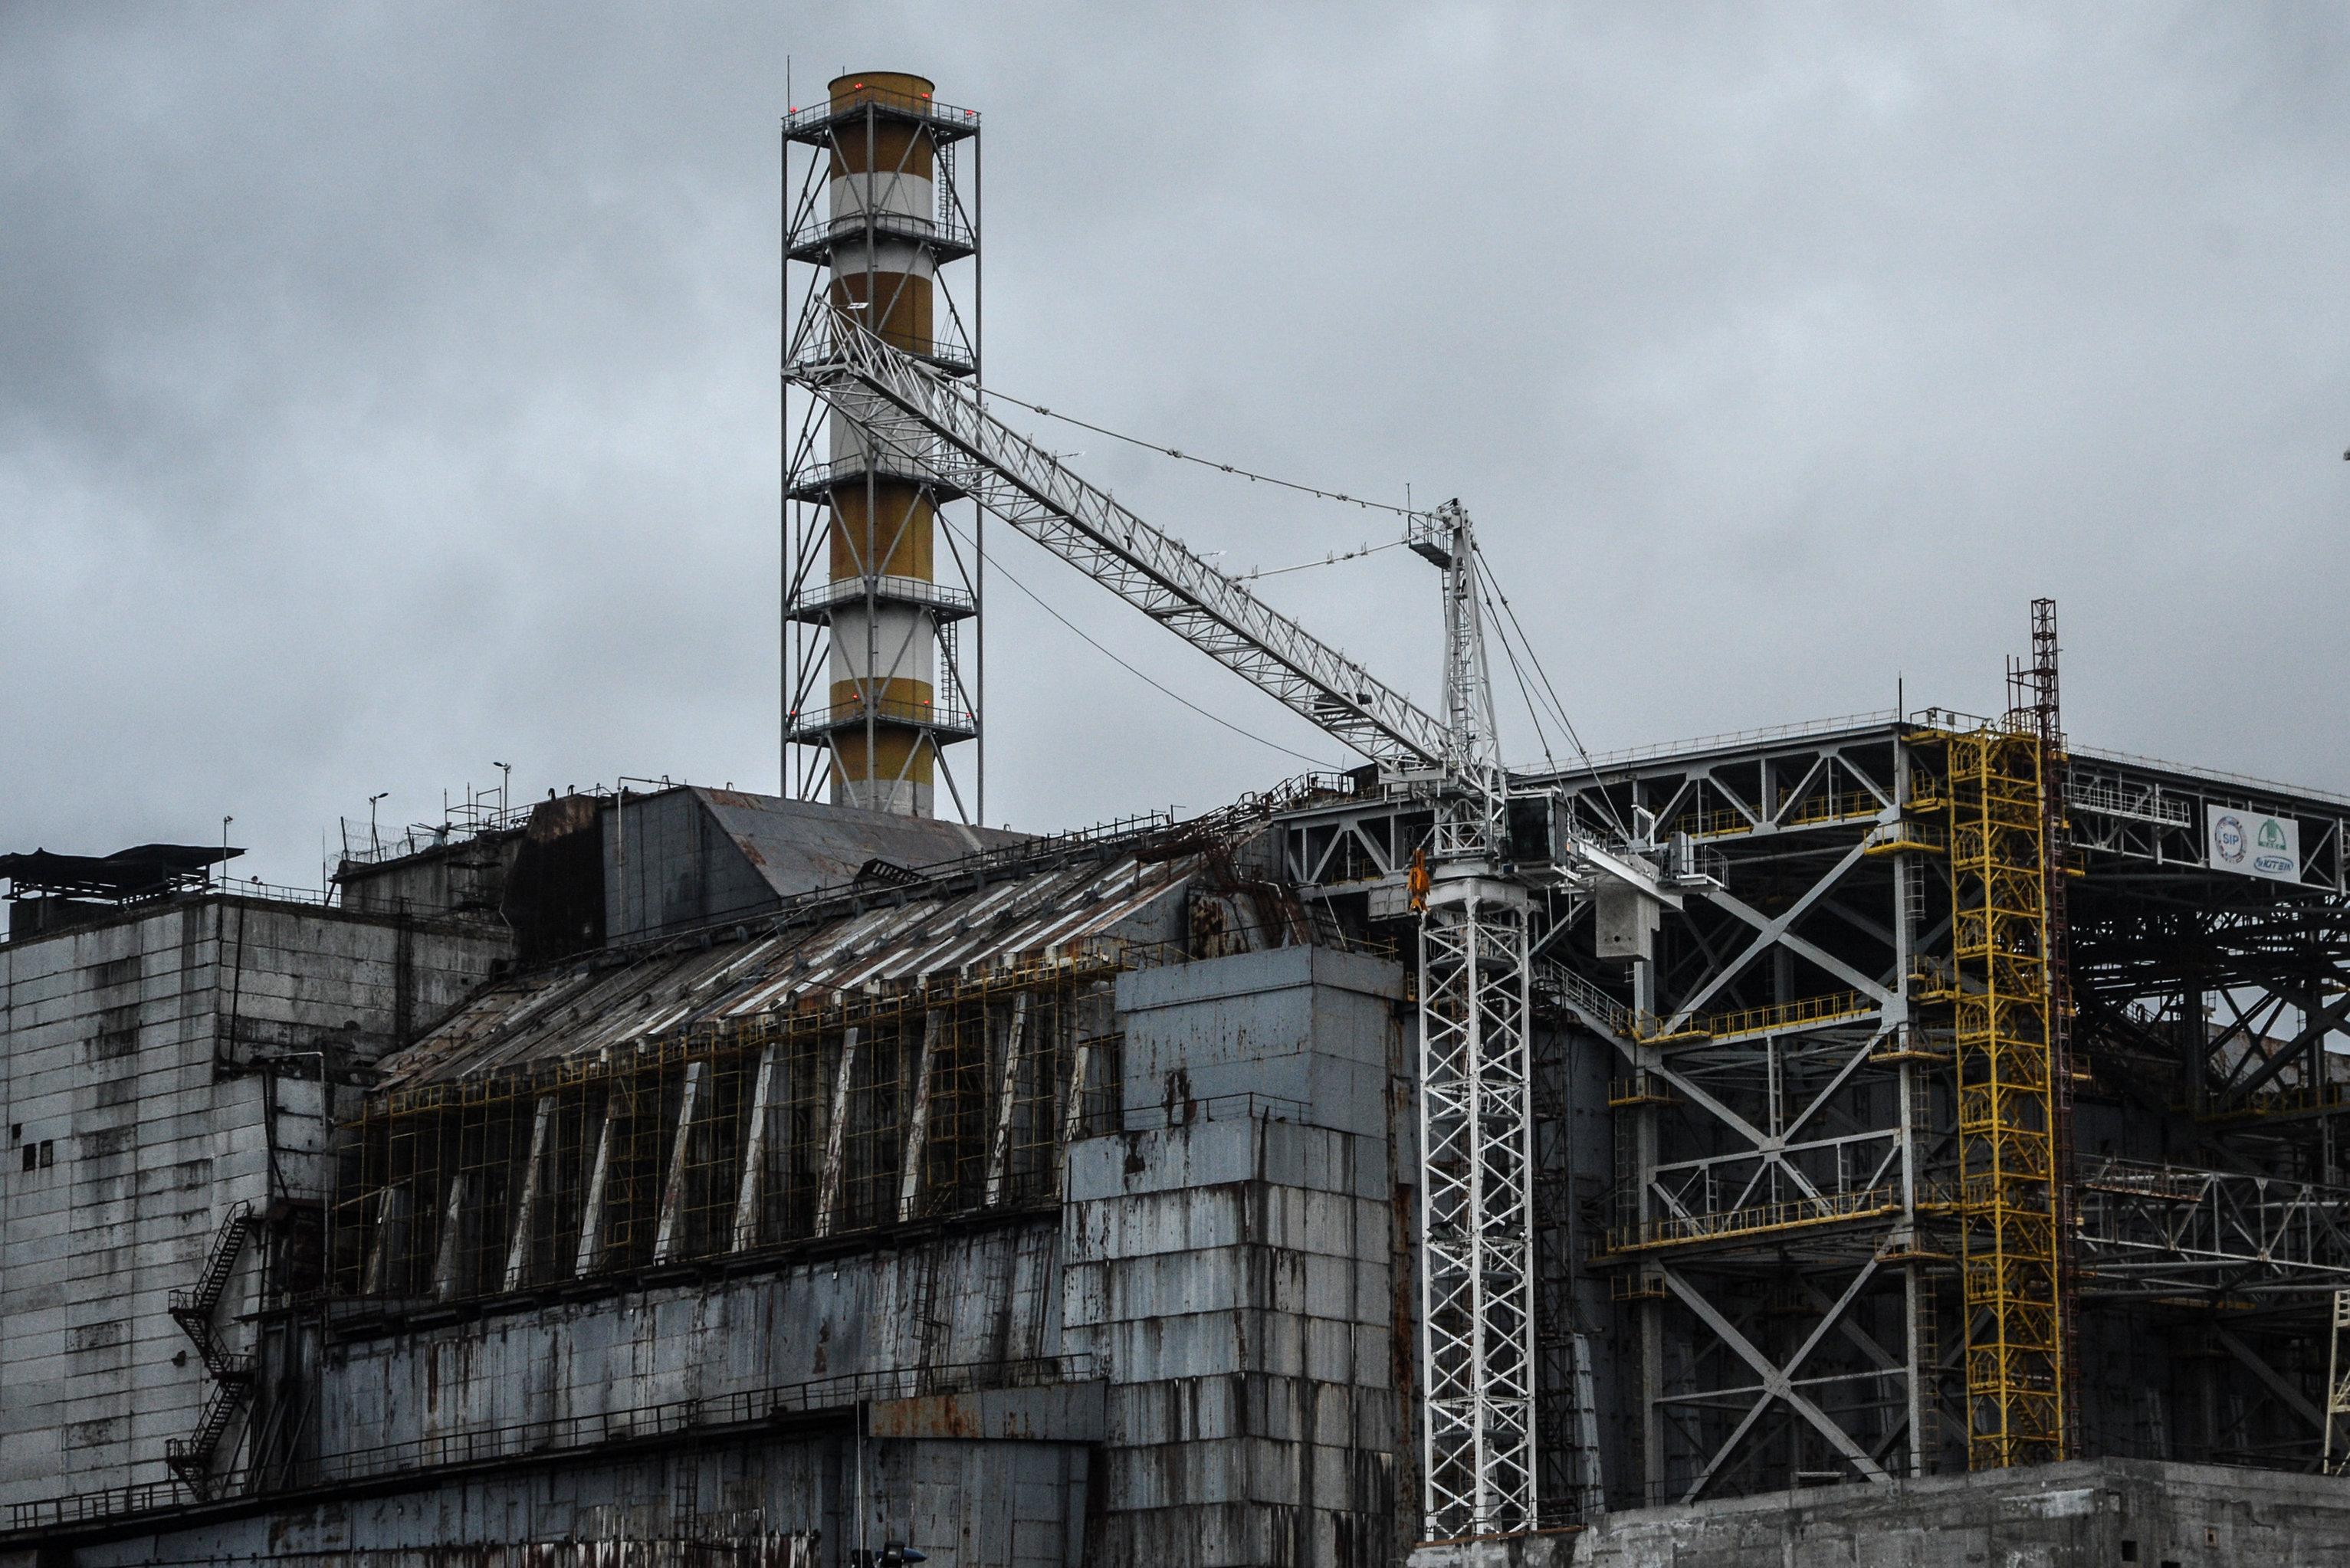 Саркофаг над четвертым энергоблоком Чернобыльской АЭС